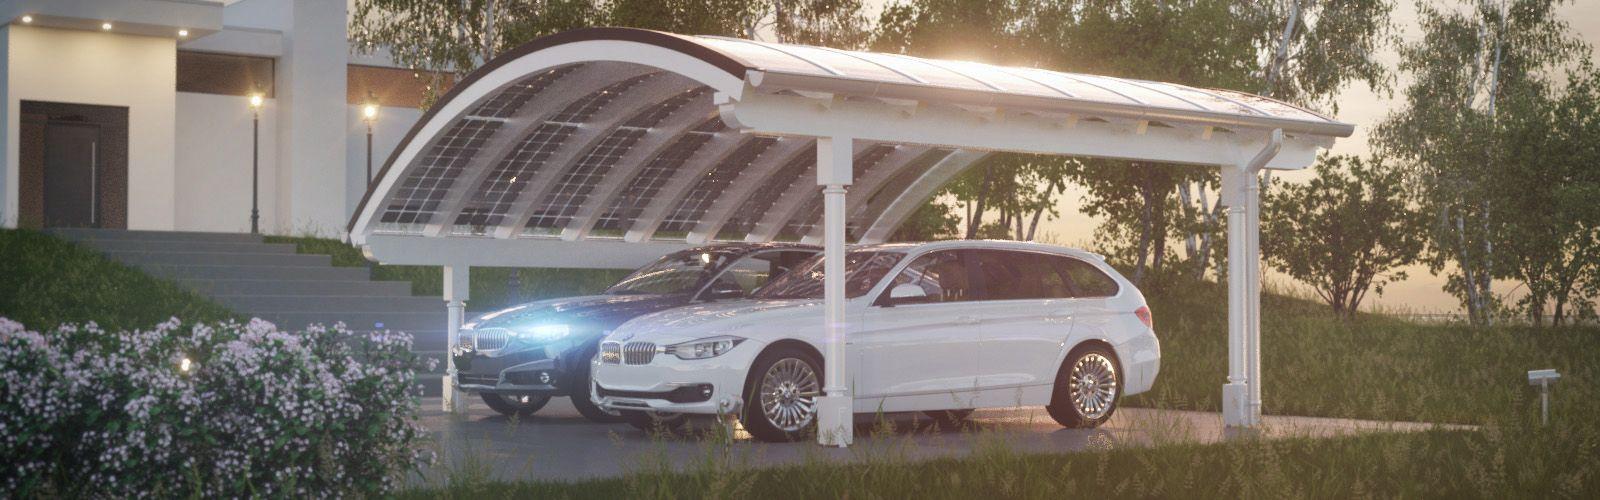 Pin von Solarterrassen & Carportwerk G auf www